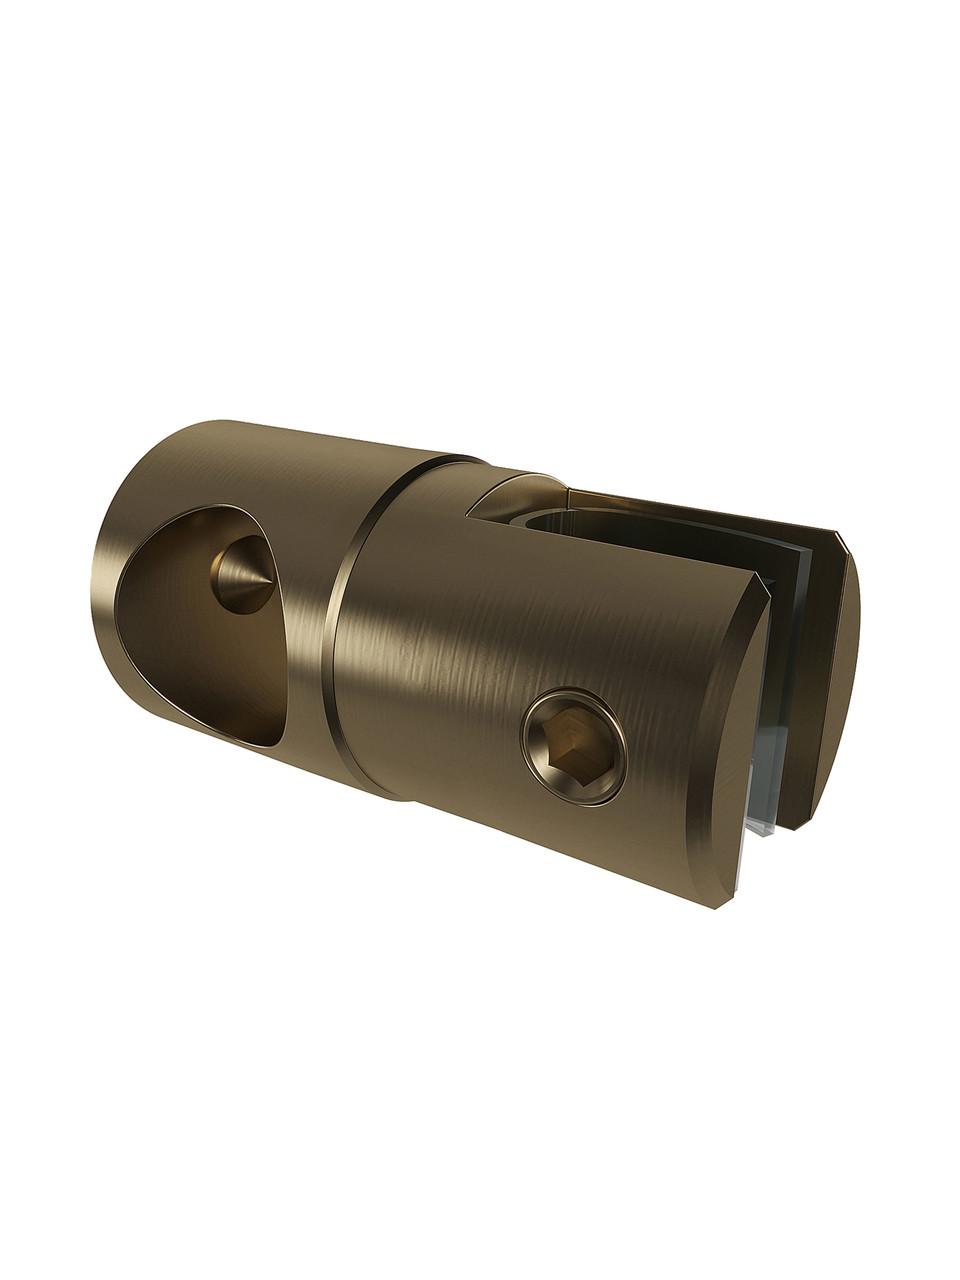 ODF-09-17-30 Крепление душевой штанги  16 мм для стекла накидное, регулируемое, глухое, цвет матовая бронза